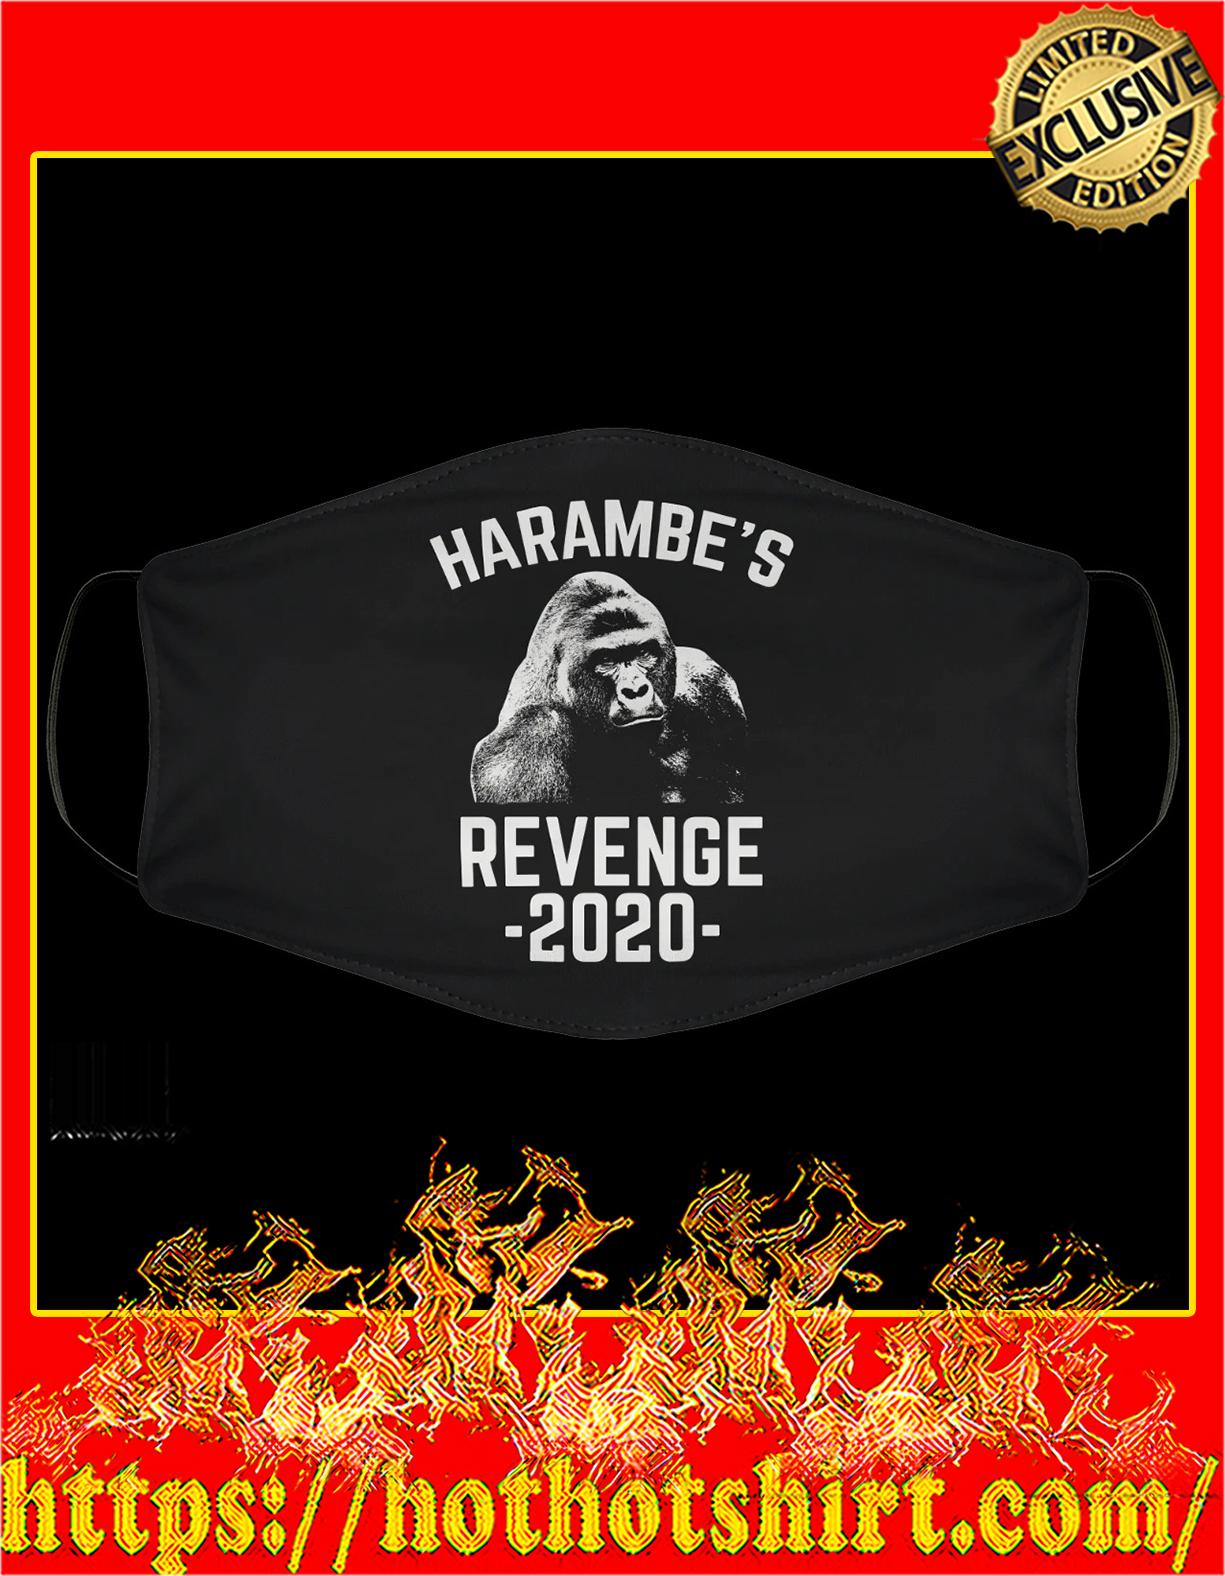 Harambe's revenge 2020 face mask - detail